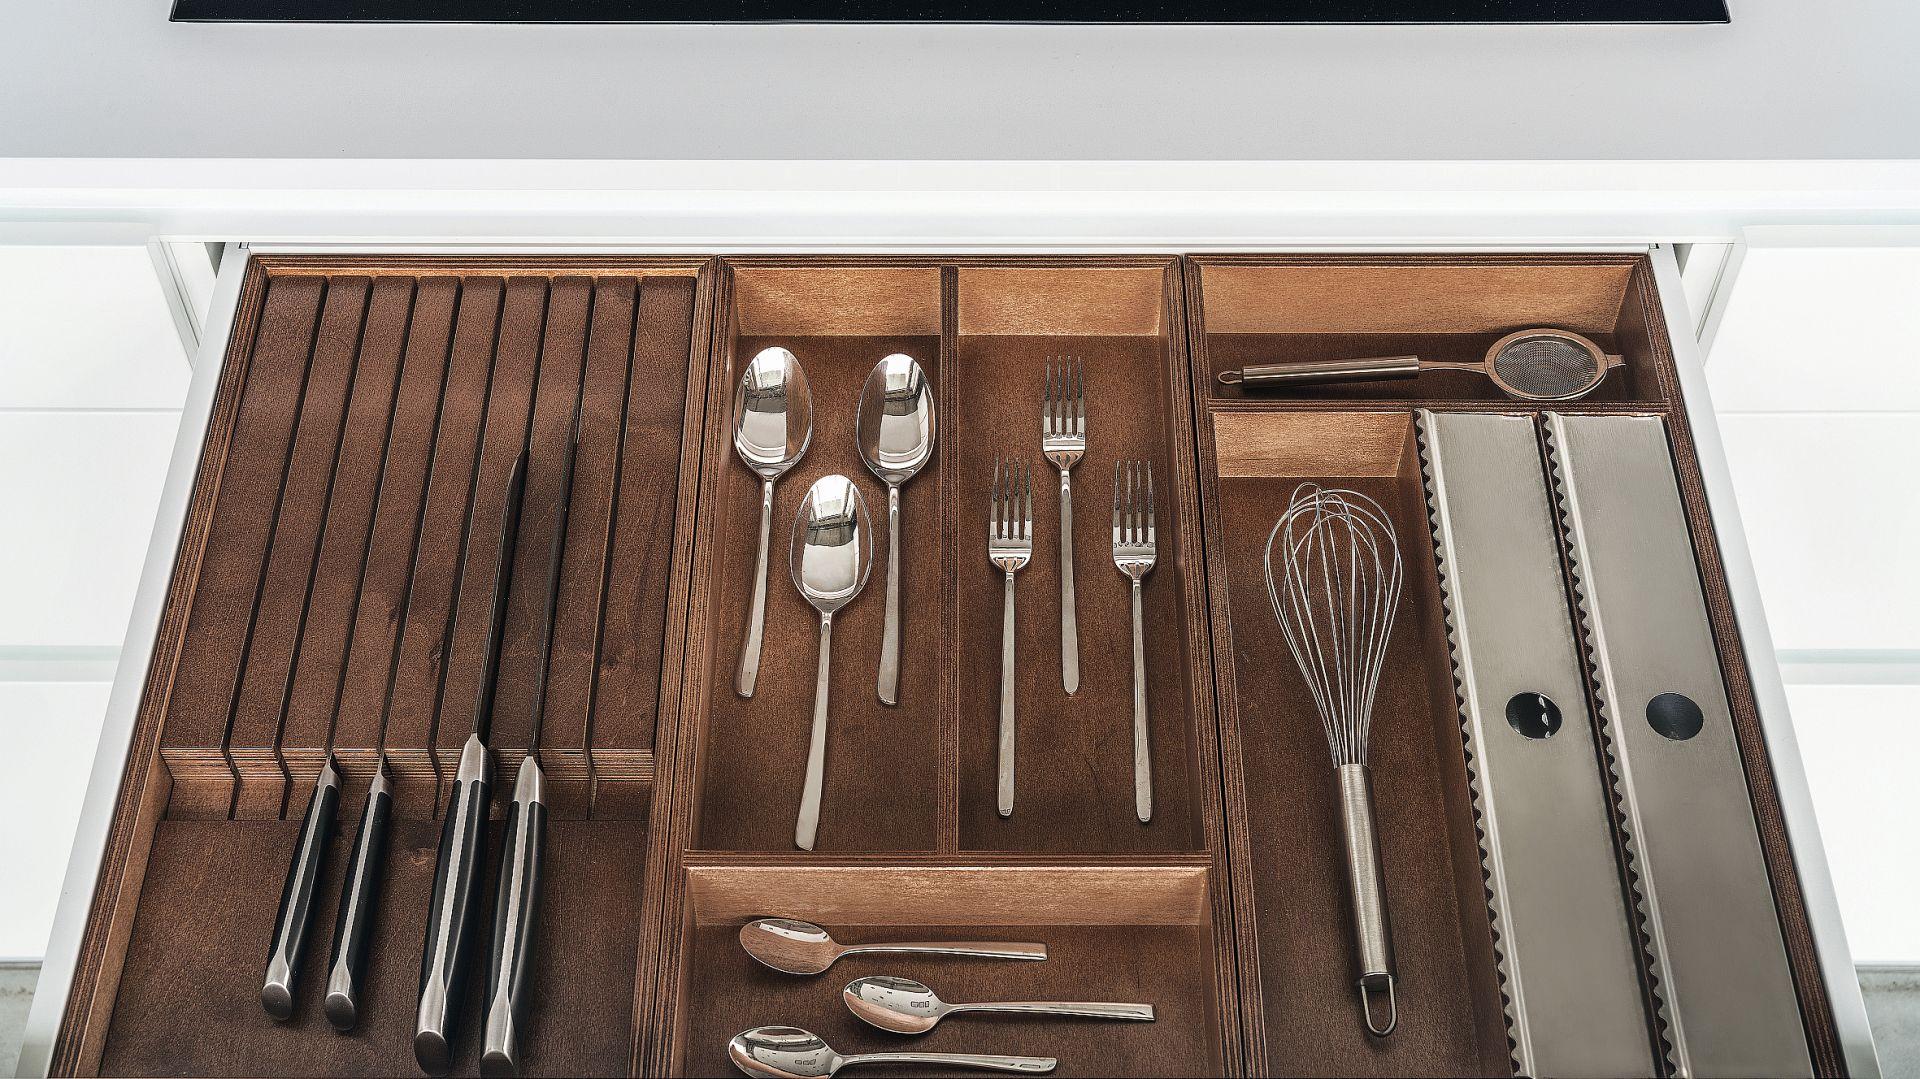 Porządek w szufladach pozwolą zachować maty antypoślizgowe oraz organizery, które w przypadku kuchni Z1 wykonane zostały ze sklejki barwionej w kolorze orzecha. Fot. Zajc